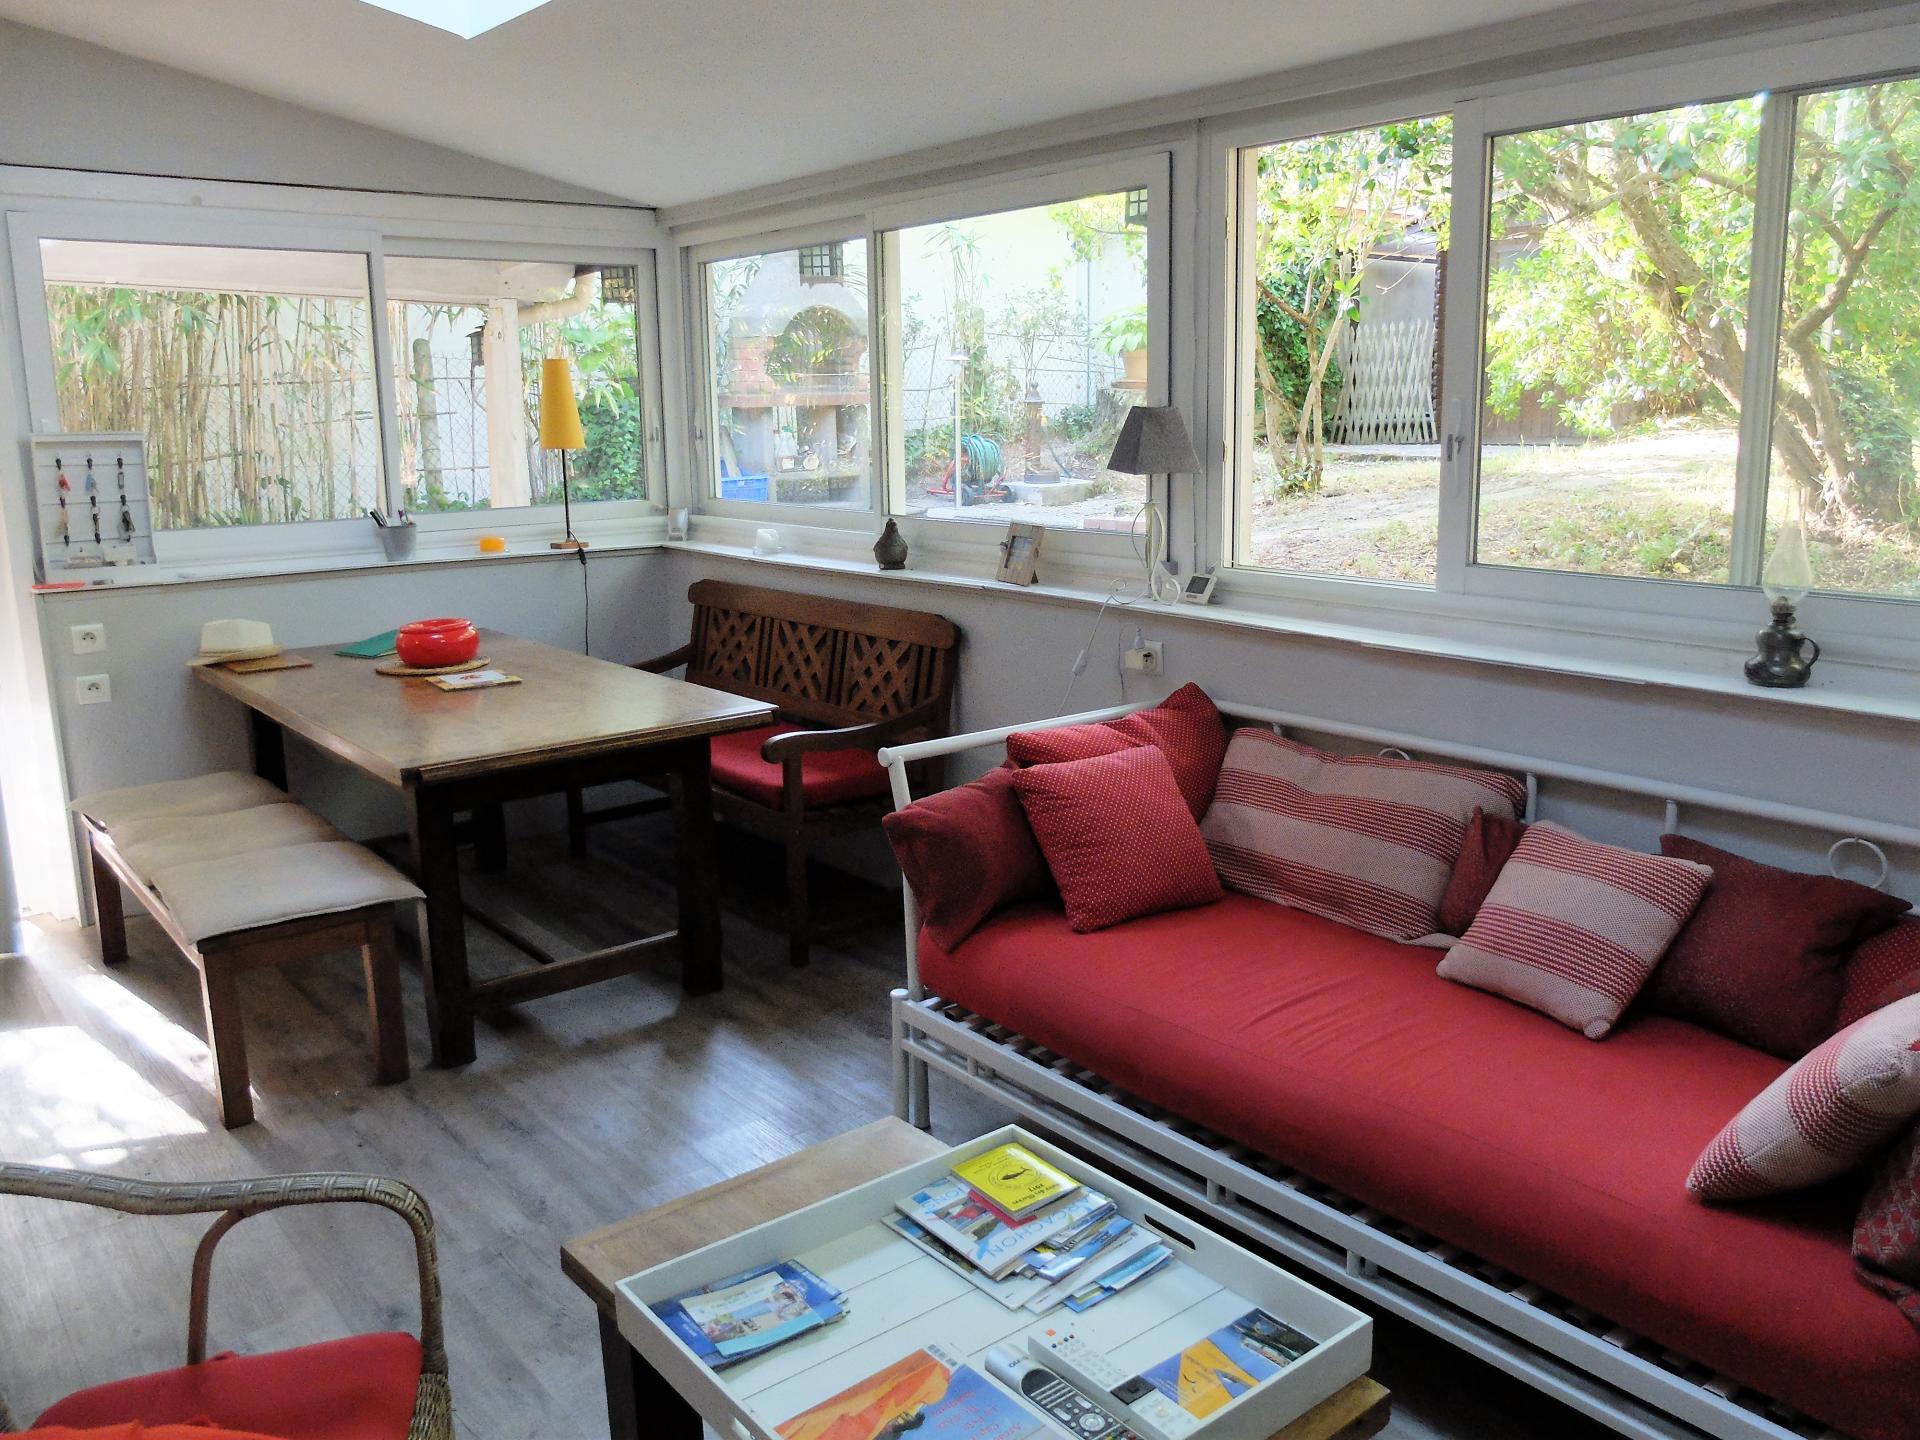 salon veranda 2019- 3